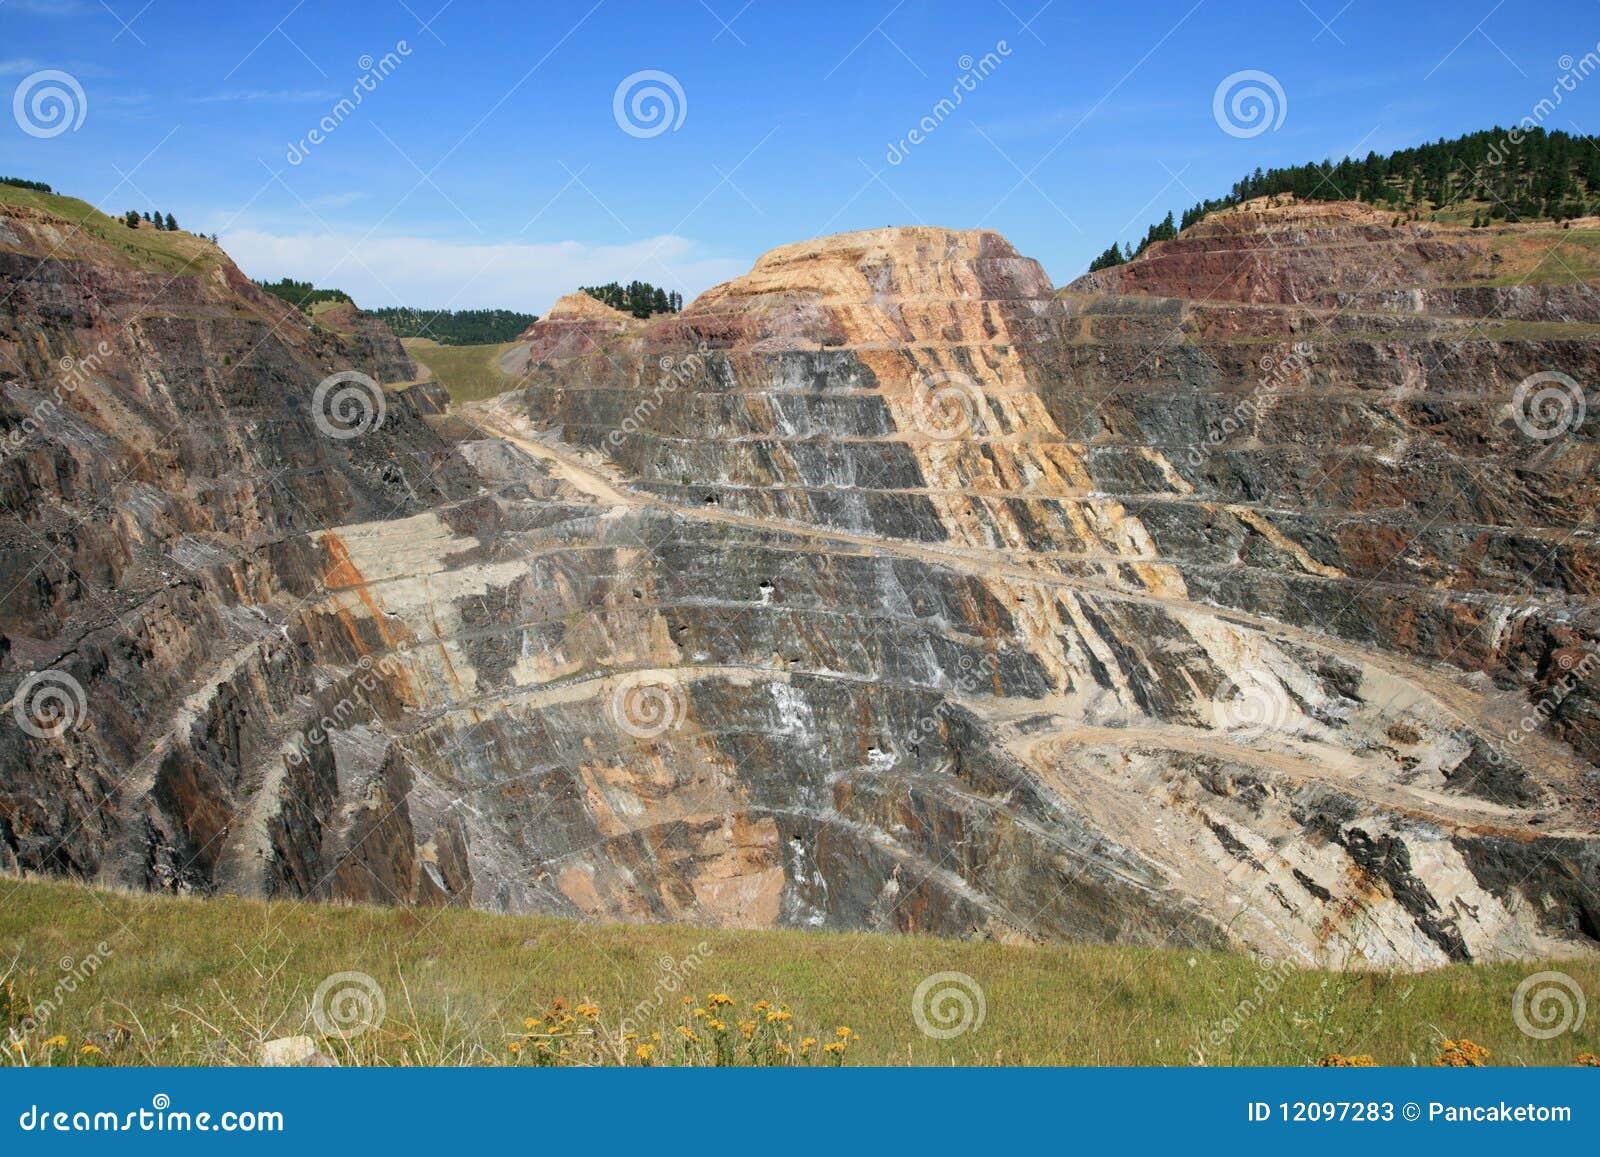 Mina de ouro do poço aberto